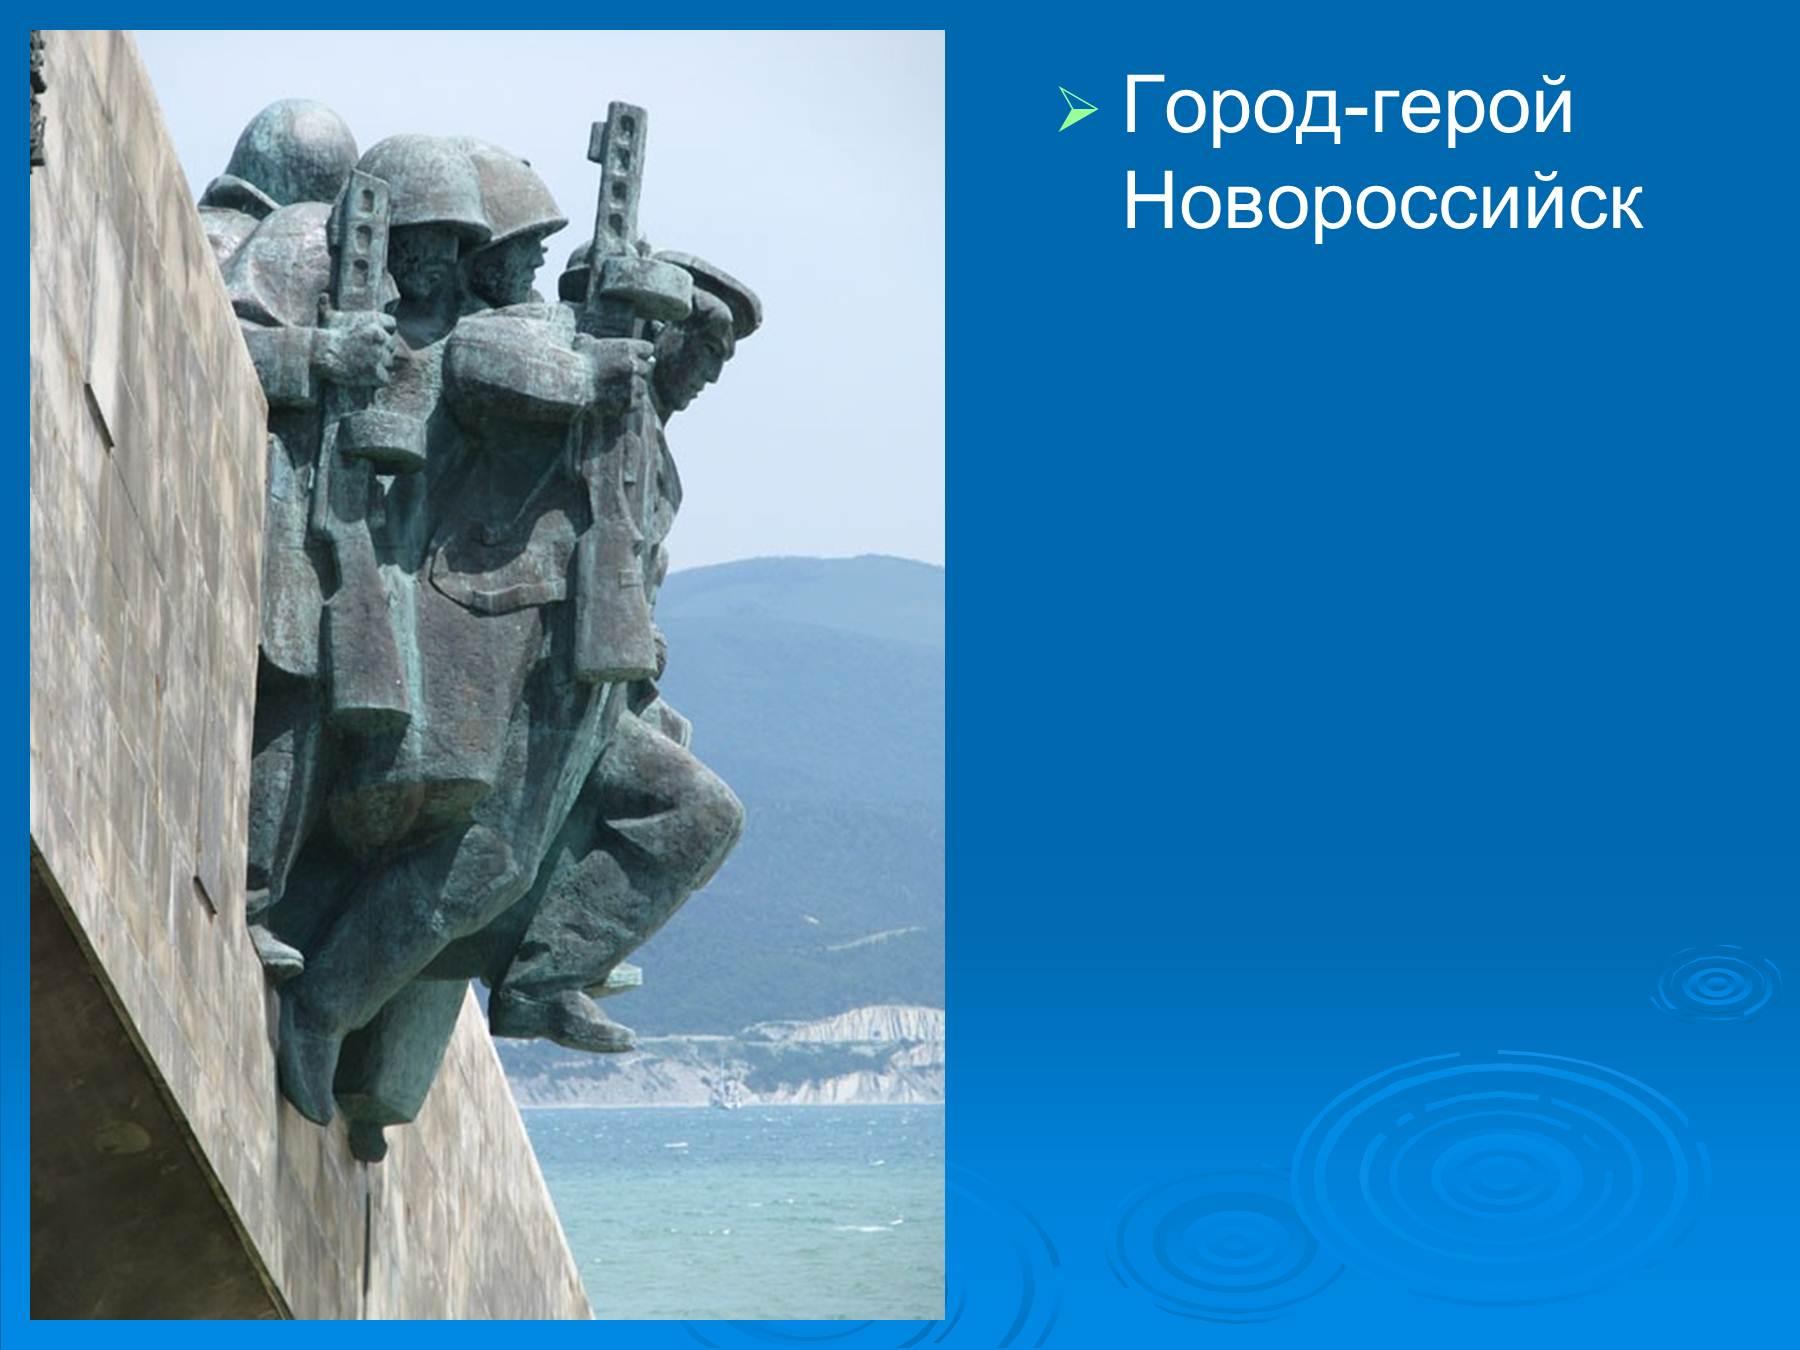 Презентация города героя новороссийска